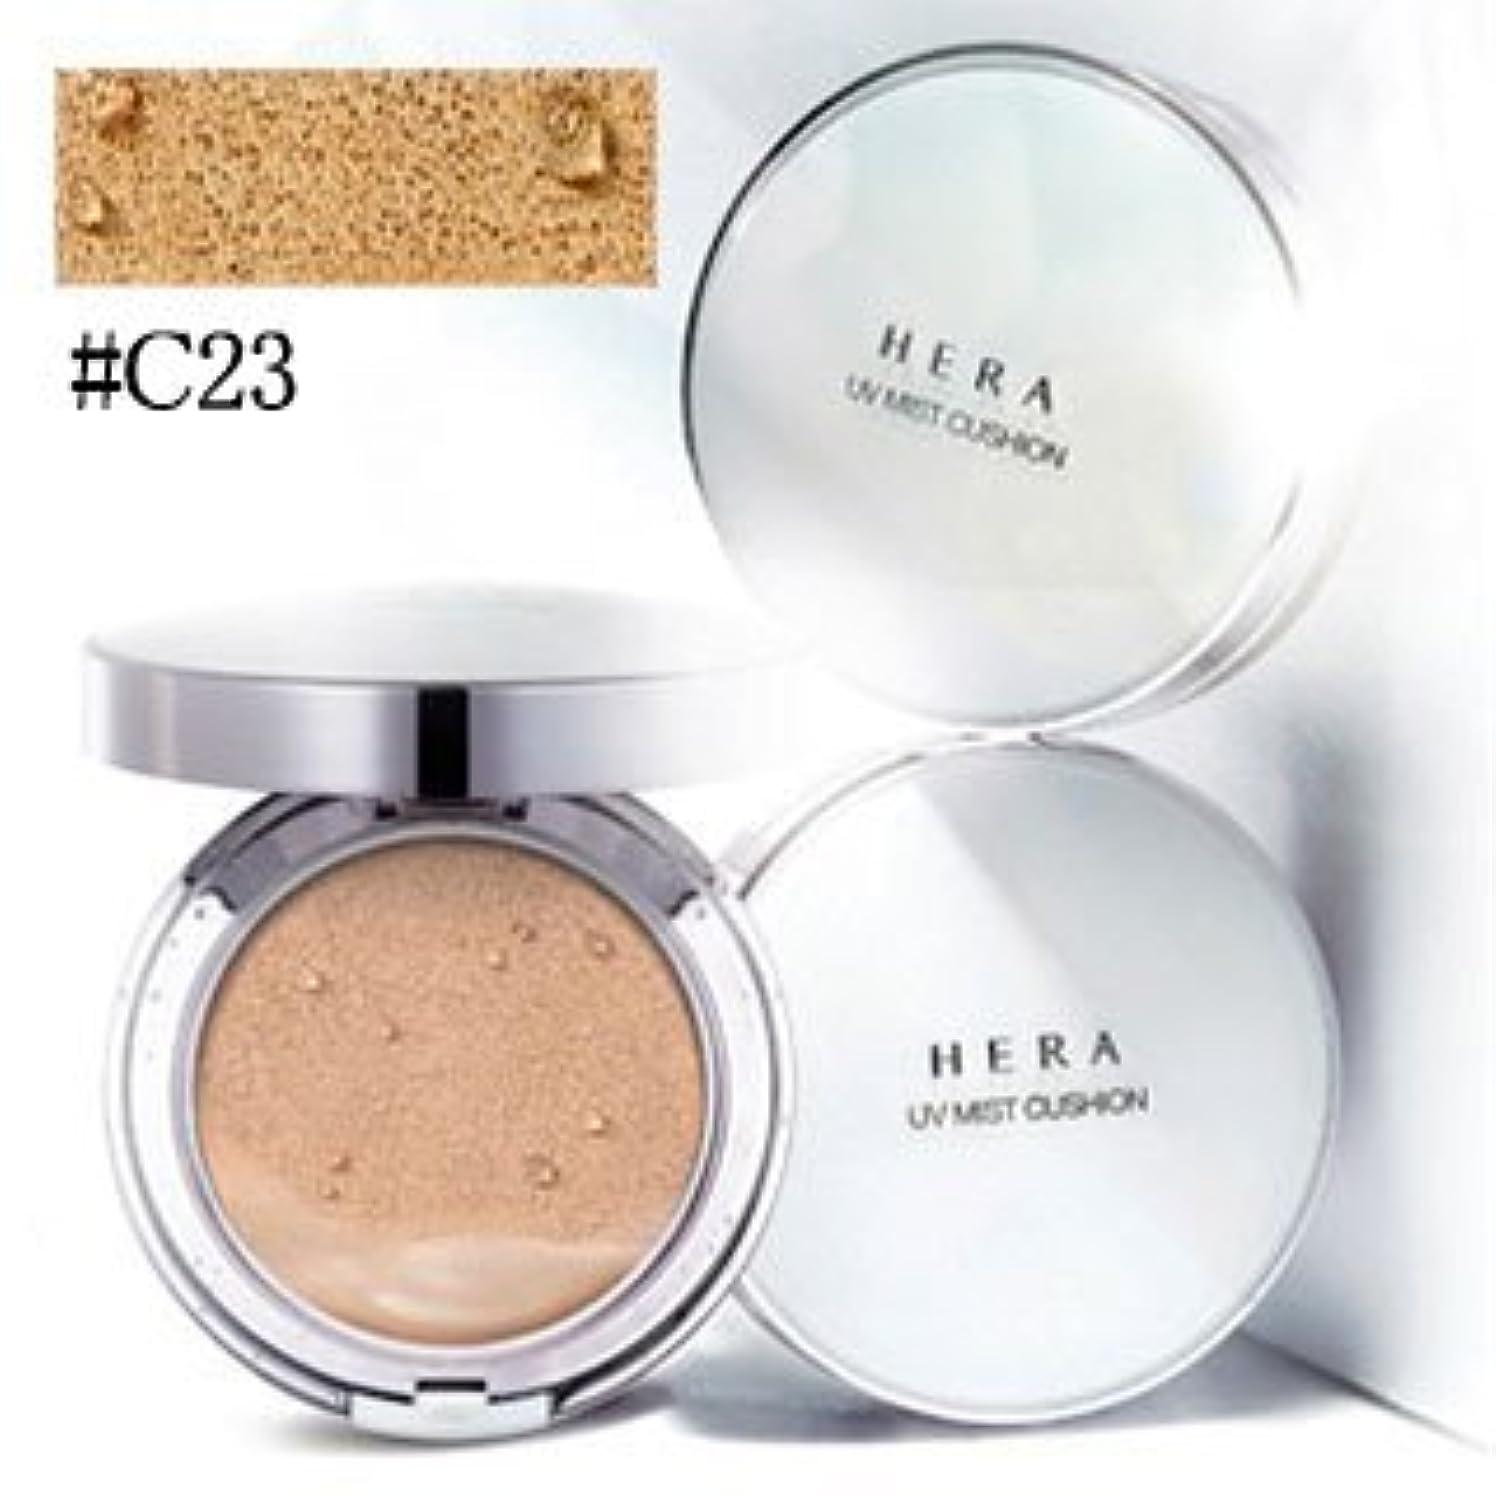 砂贅沢な間接的ヘラ(HERA) UV ミスト クッション #C23 COOL BEIGE COVER SPF 50+ / PA+++ 15g x 2[並行輸入品]